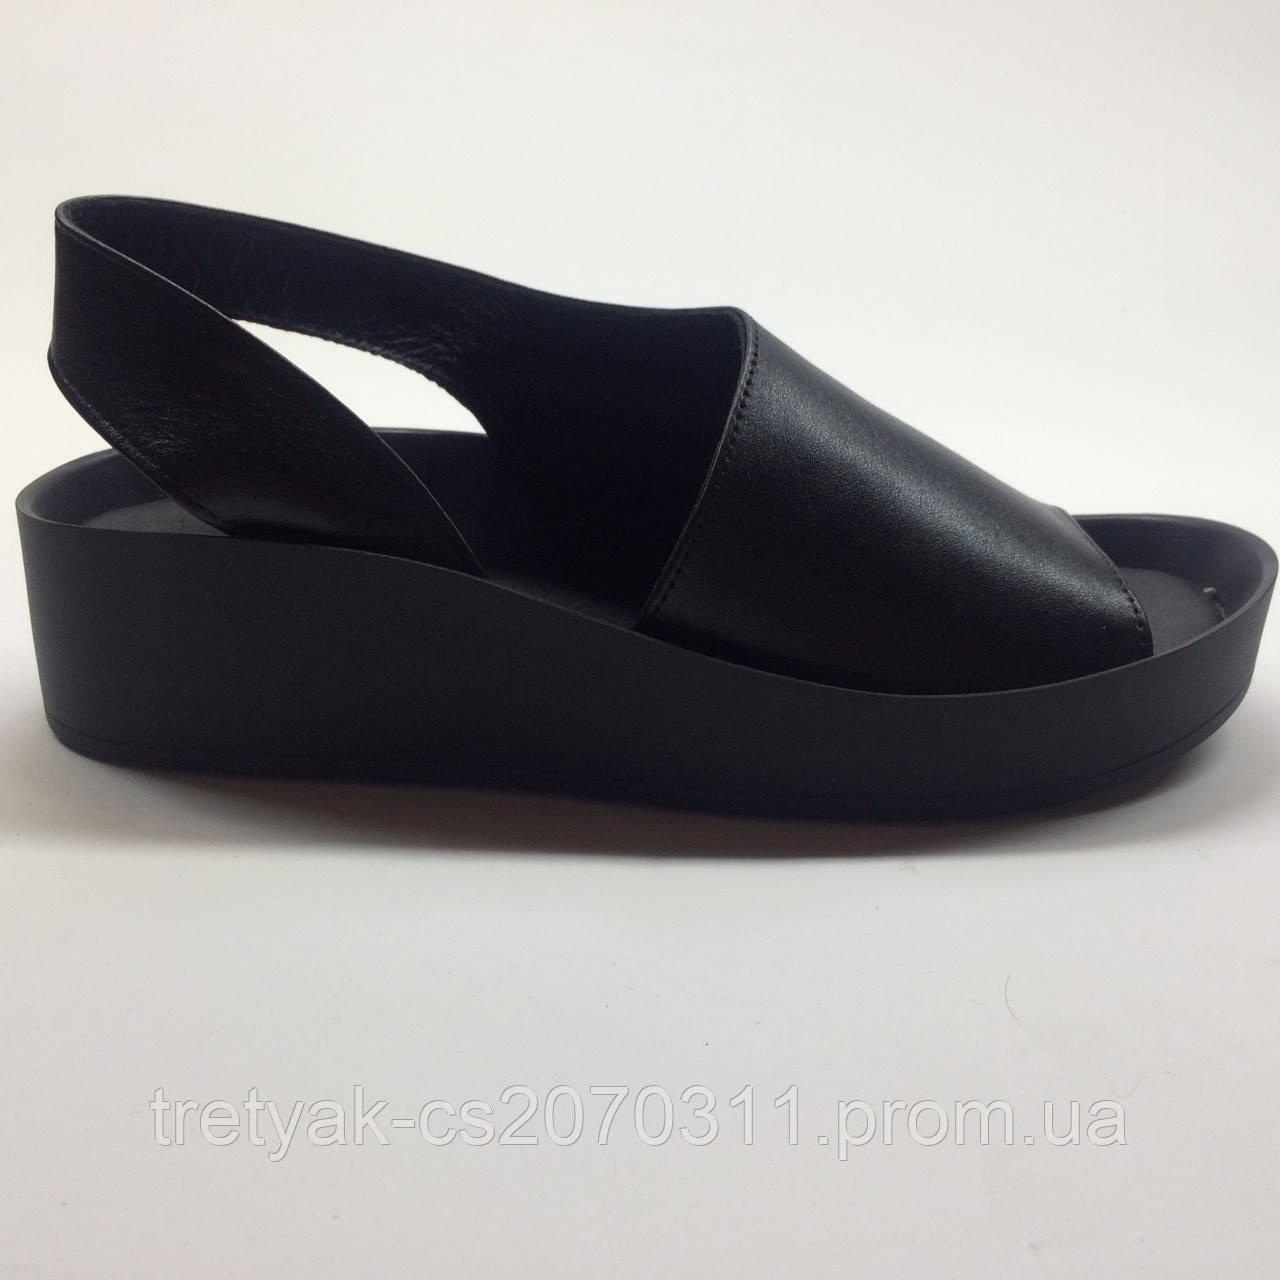 Женские босоножки сандалии из кожи на низком ходу